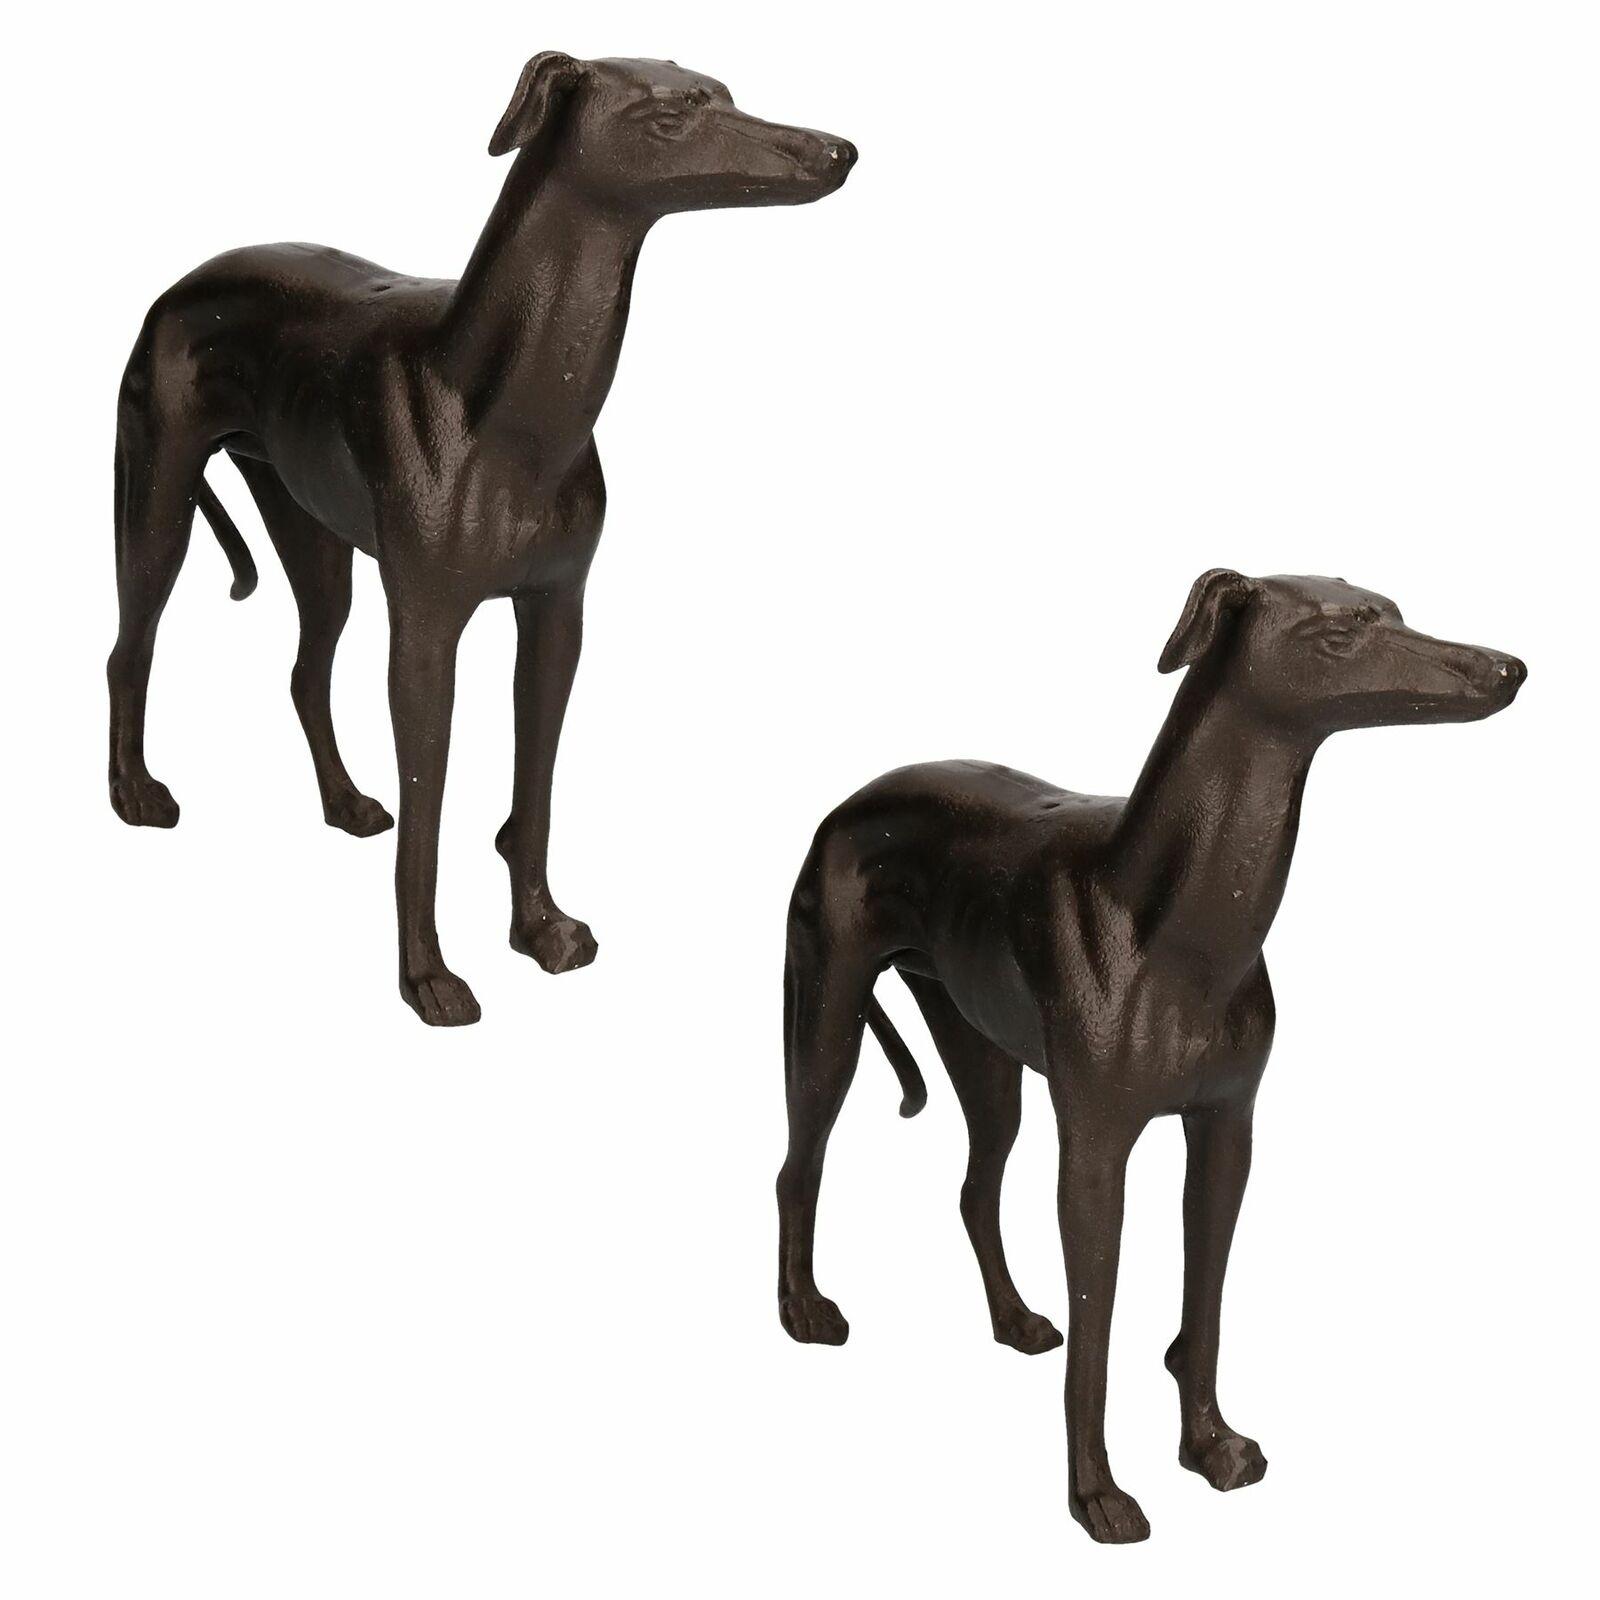 Galgo Whippet Perro de Hierro Fundido Estatua Figura Trofeo Ornamento Escultura Par